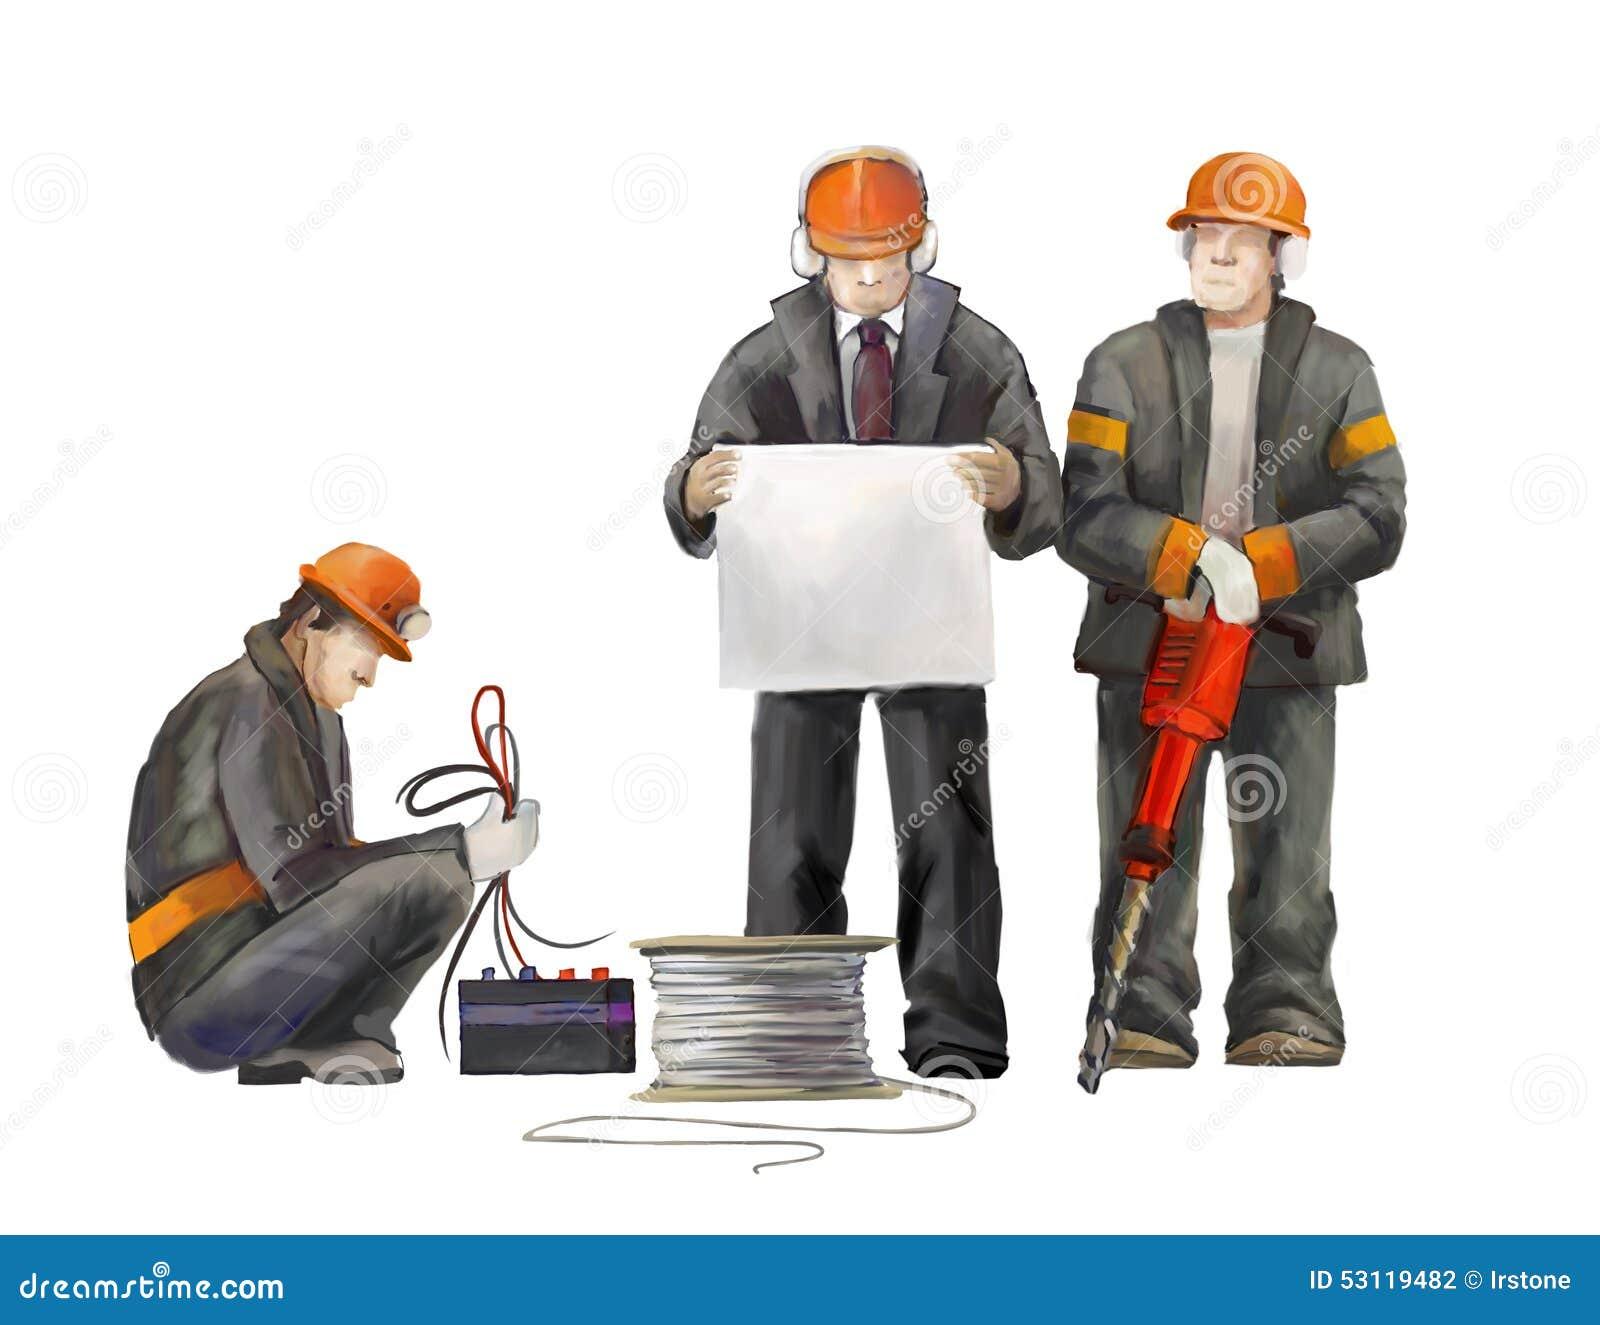 Erbauer auf der Baustelle Industrielle Illustration mit Arbeitskräften, Kränen und Mischermaschine